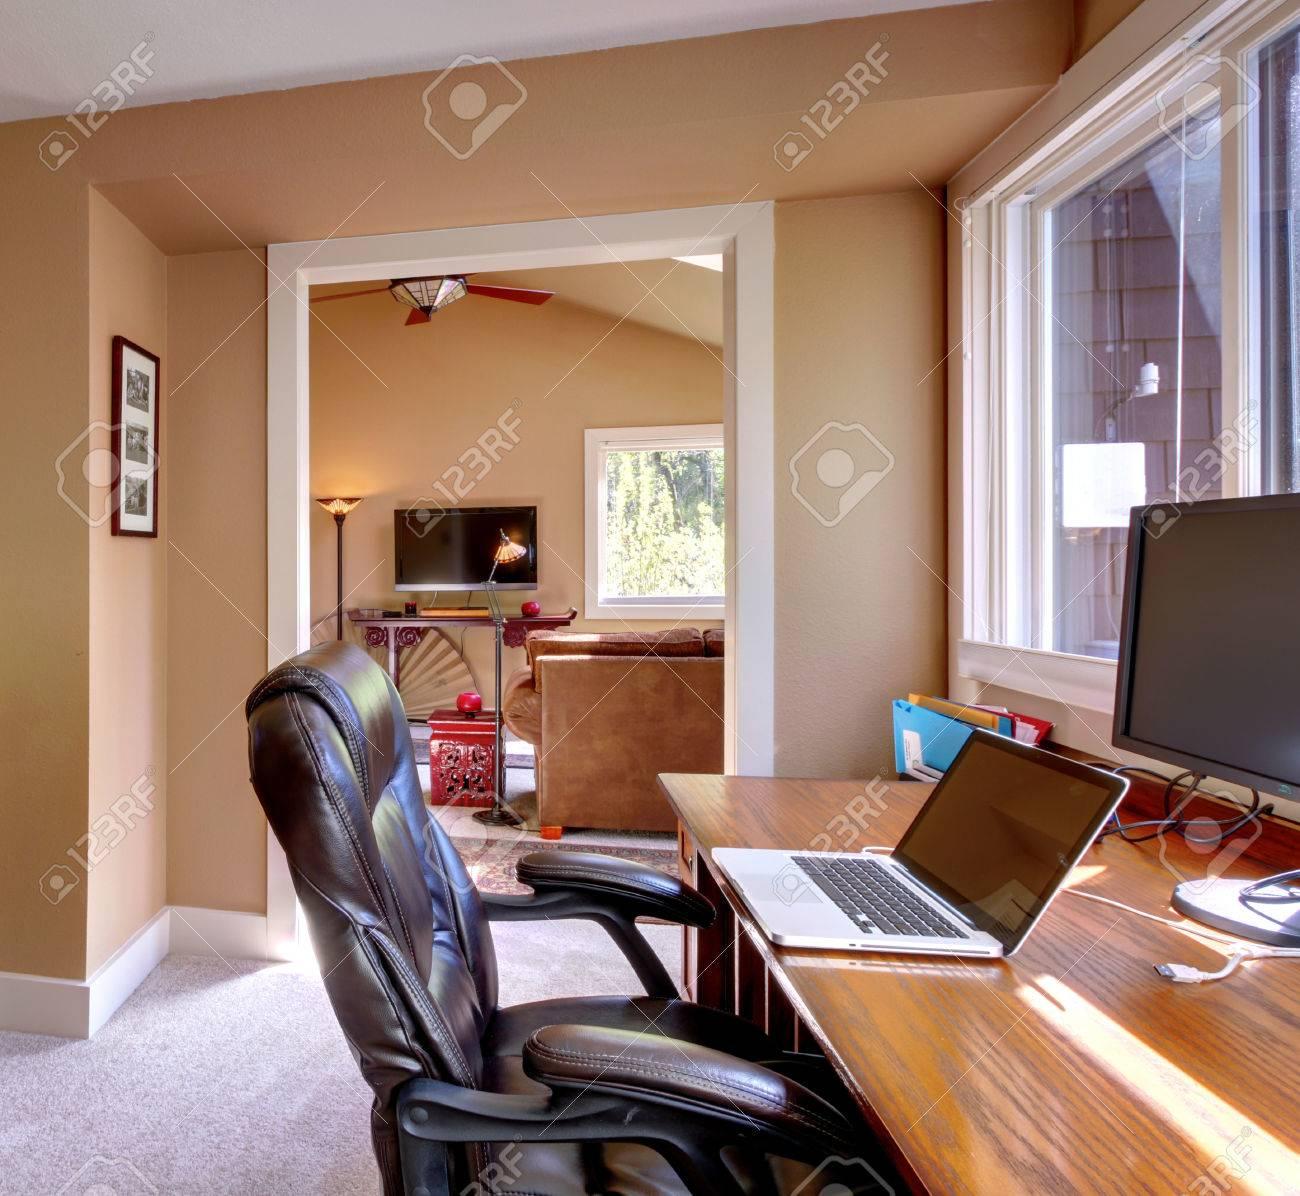 Standard Bild   Startseite Büro Und EDV Und Stuhl Mit Braunen Wänden Und TV  Im Wohnzimmer